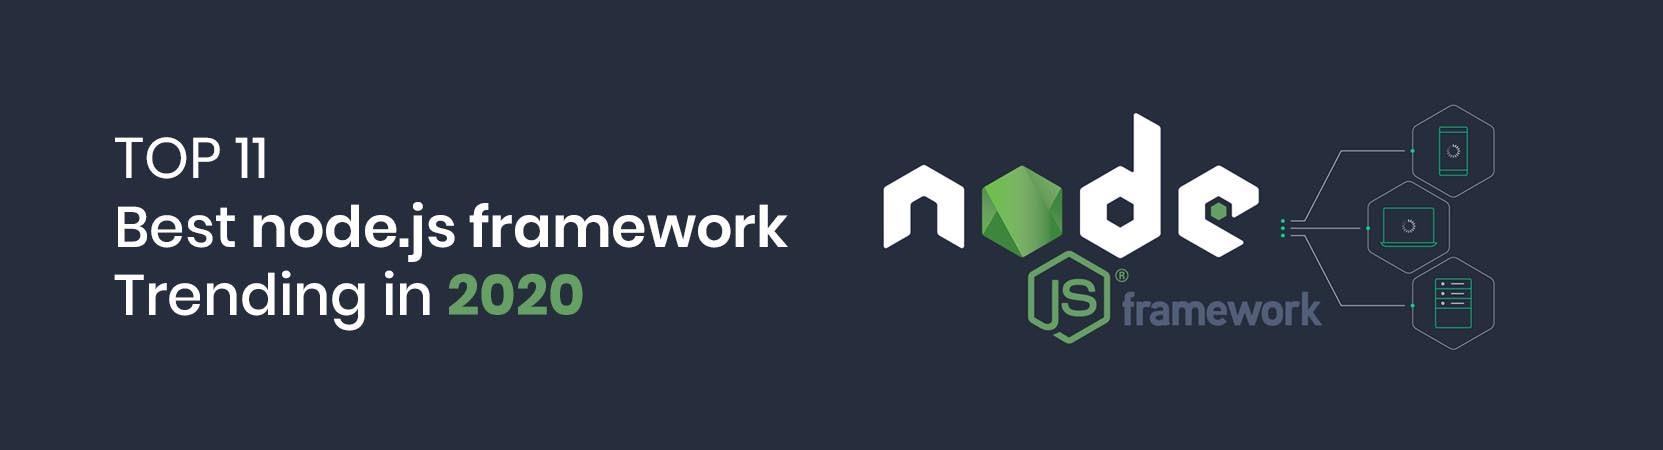 11 best node.js framework